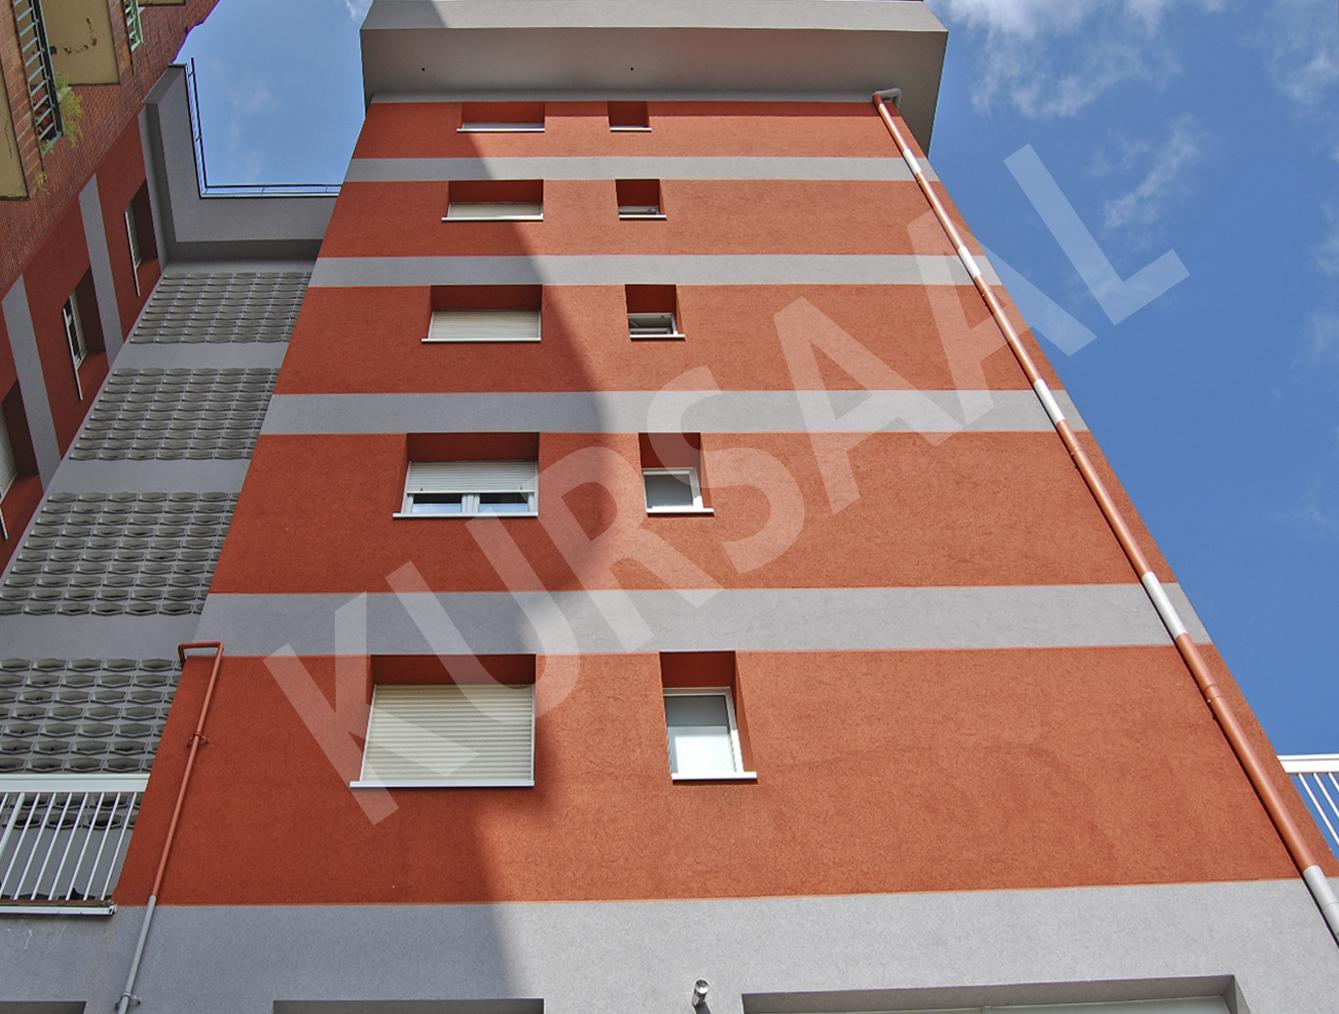 foto 8 - Aislamientos Térmicos y Eficiencia Energética-Hípica, 8-DONOSTIA, GIPUZKOA